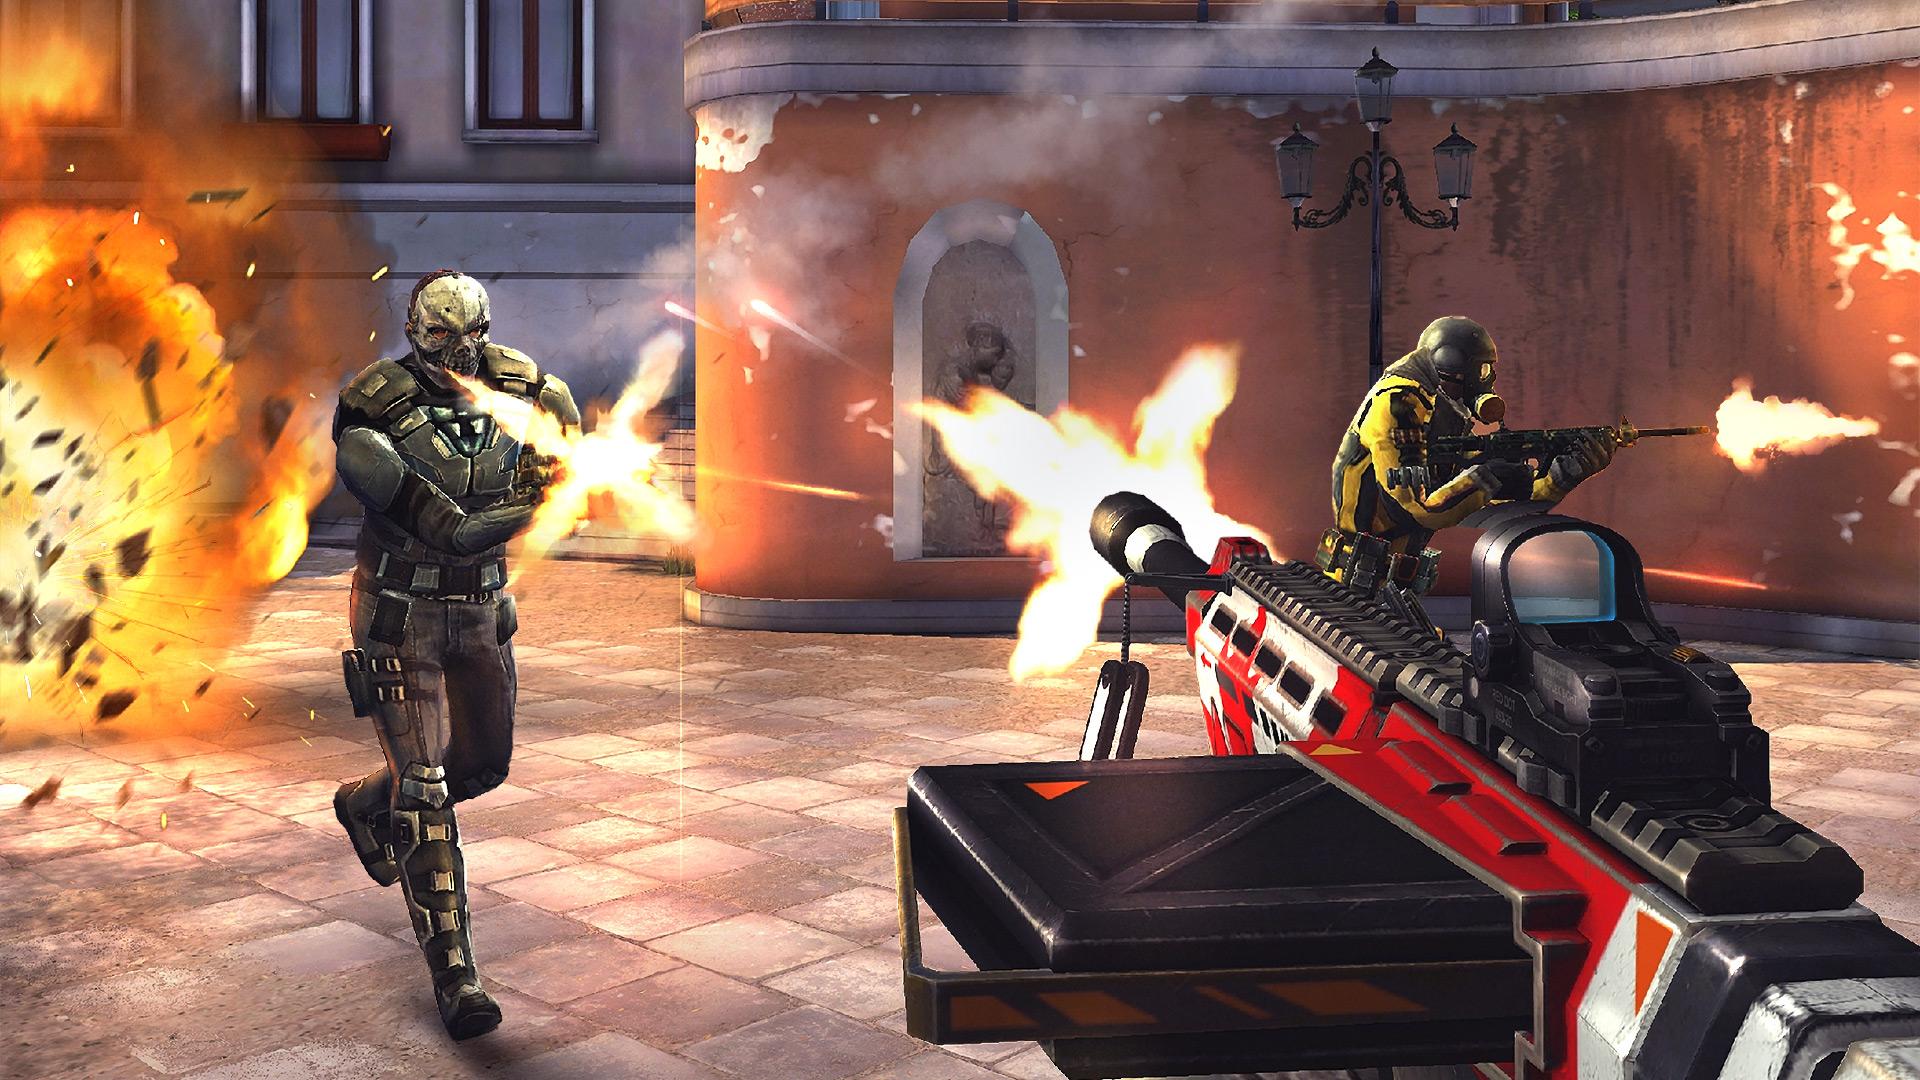 《现代战争5》登陆Steam 支持简体中文、游戏免费-迷你酷-MINICOLL